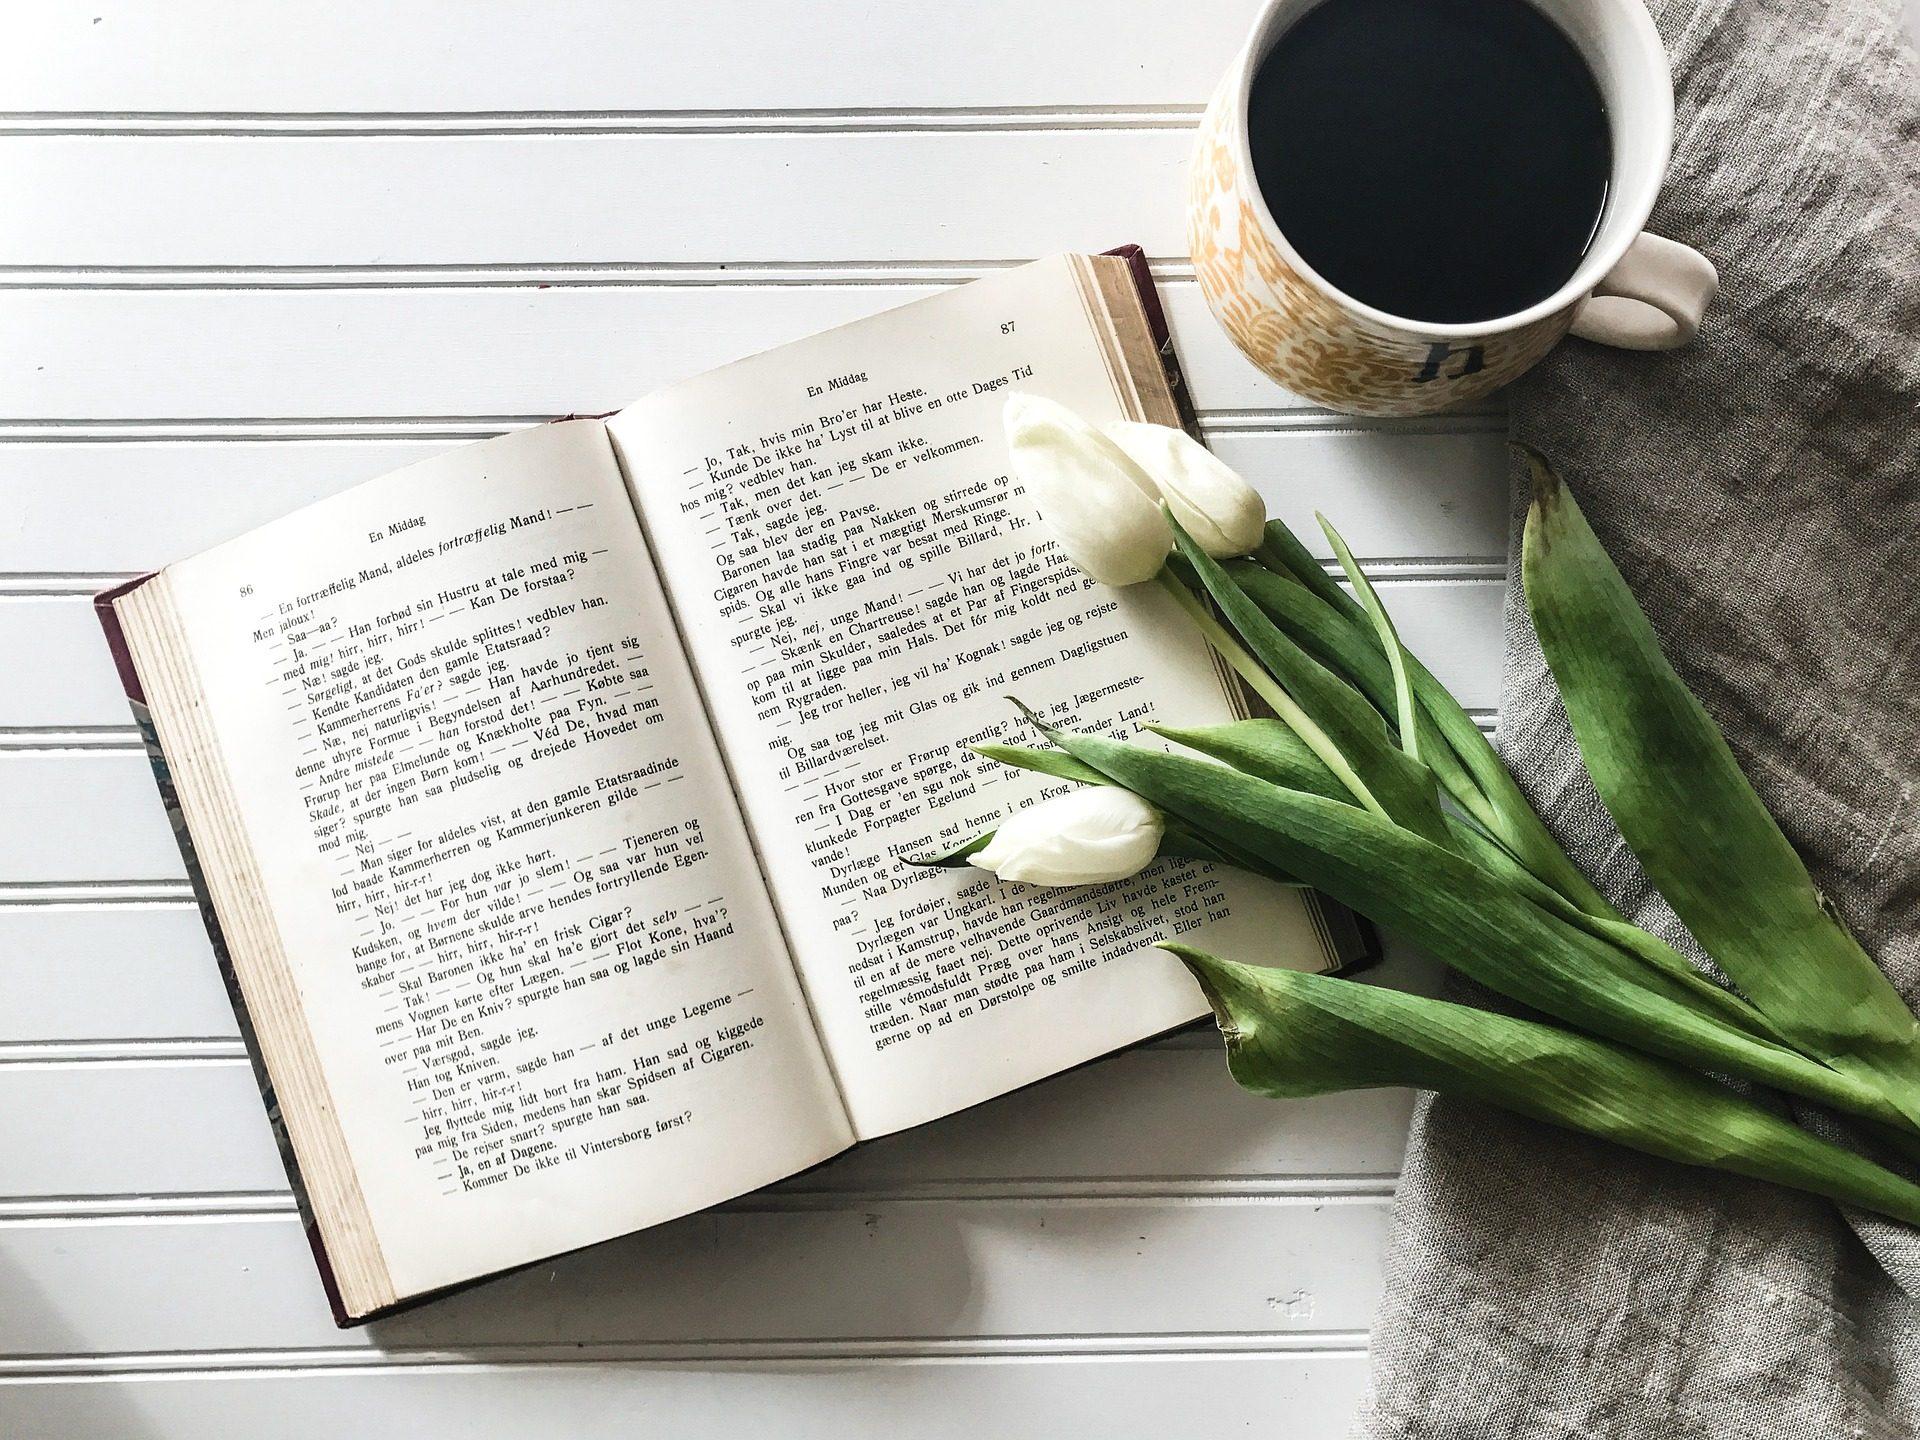 पुस्तक, कप, कॉफी, नाश्ता, फूल - HD वॉलपेपर - प्रोफेसर-falken.com